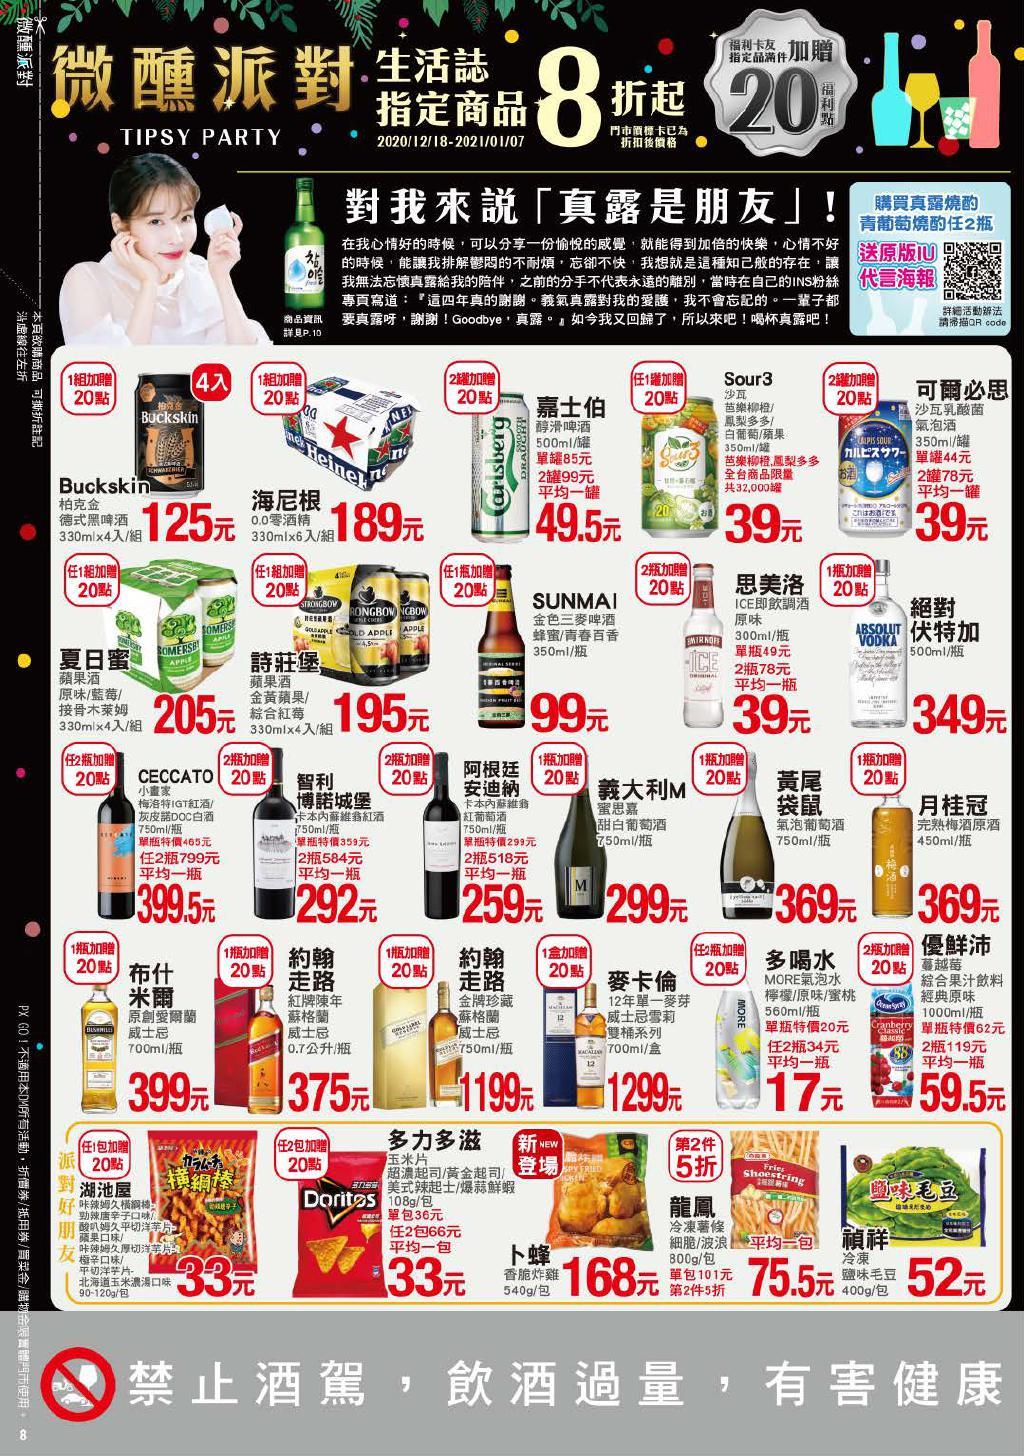 pxmart20210107_000008.jpg